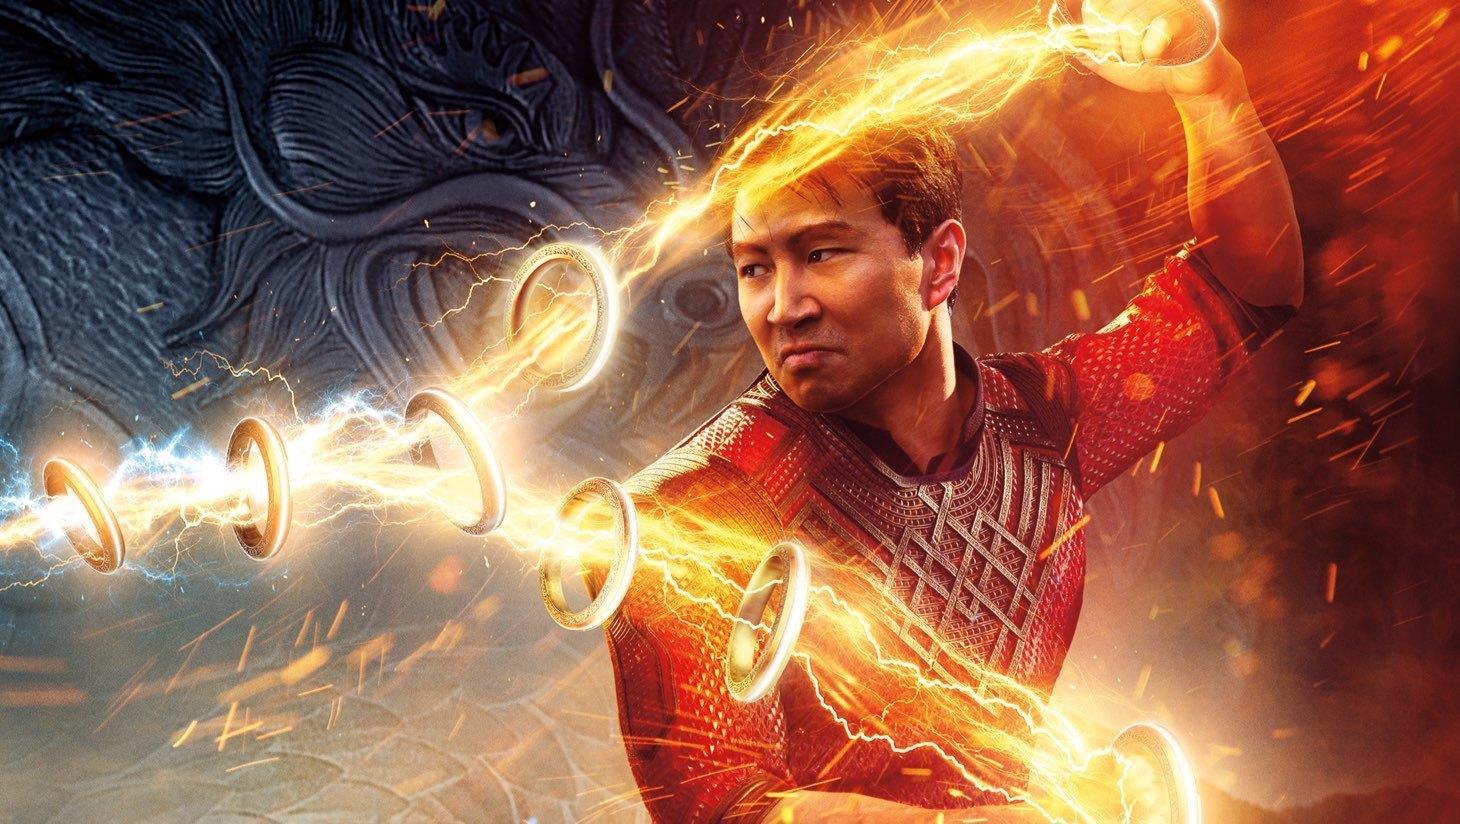 Una scena dal film Shang-Chi e la leggenda dei dieci anelli